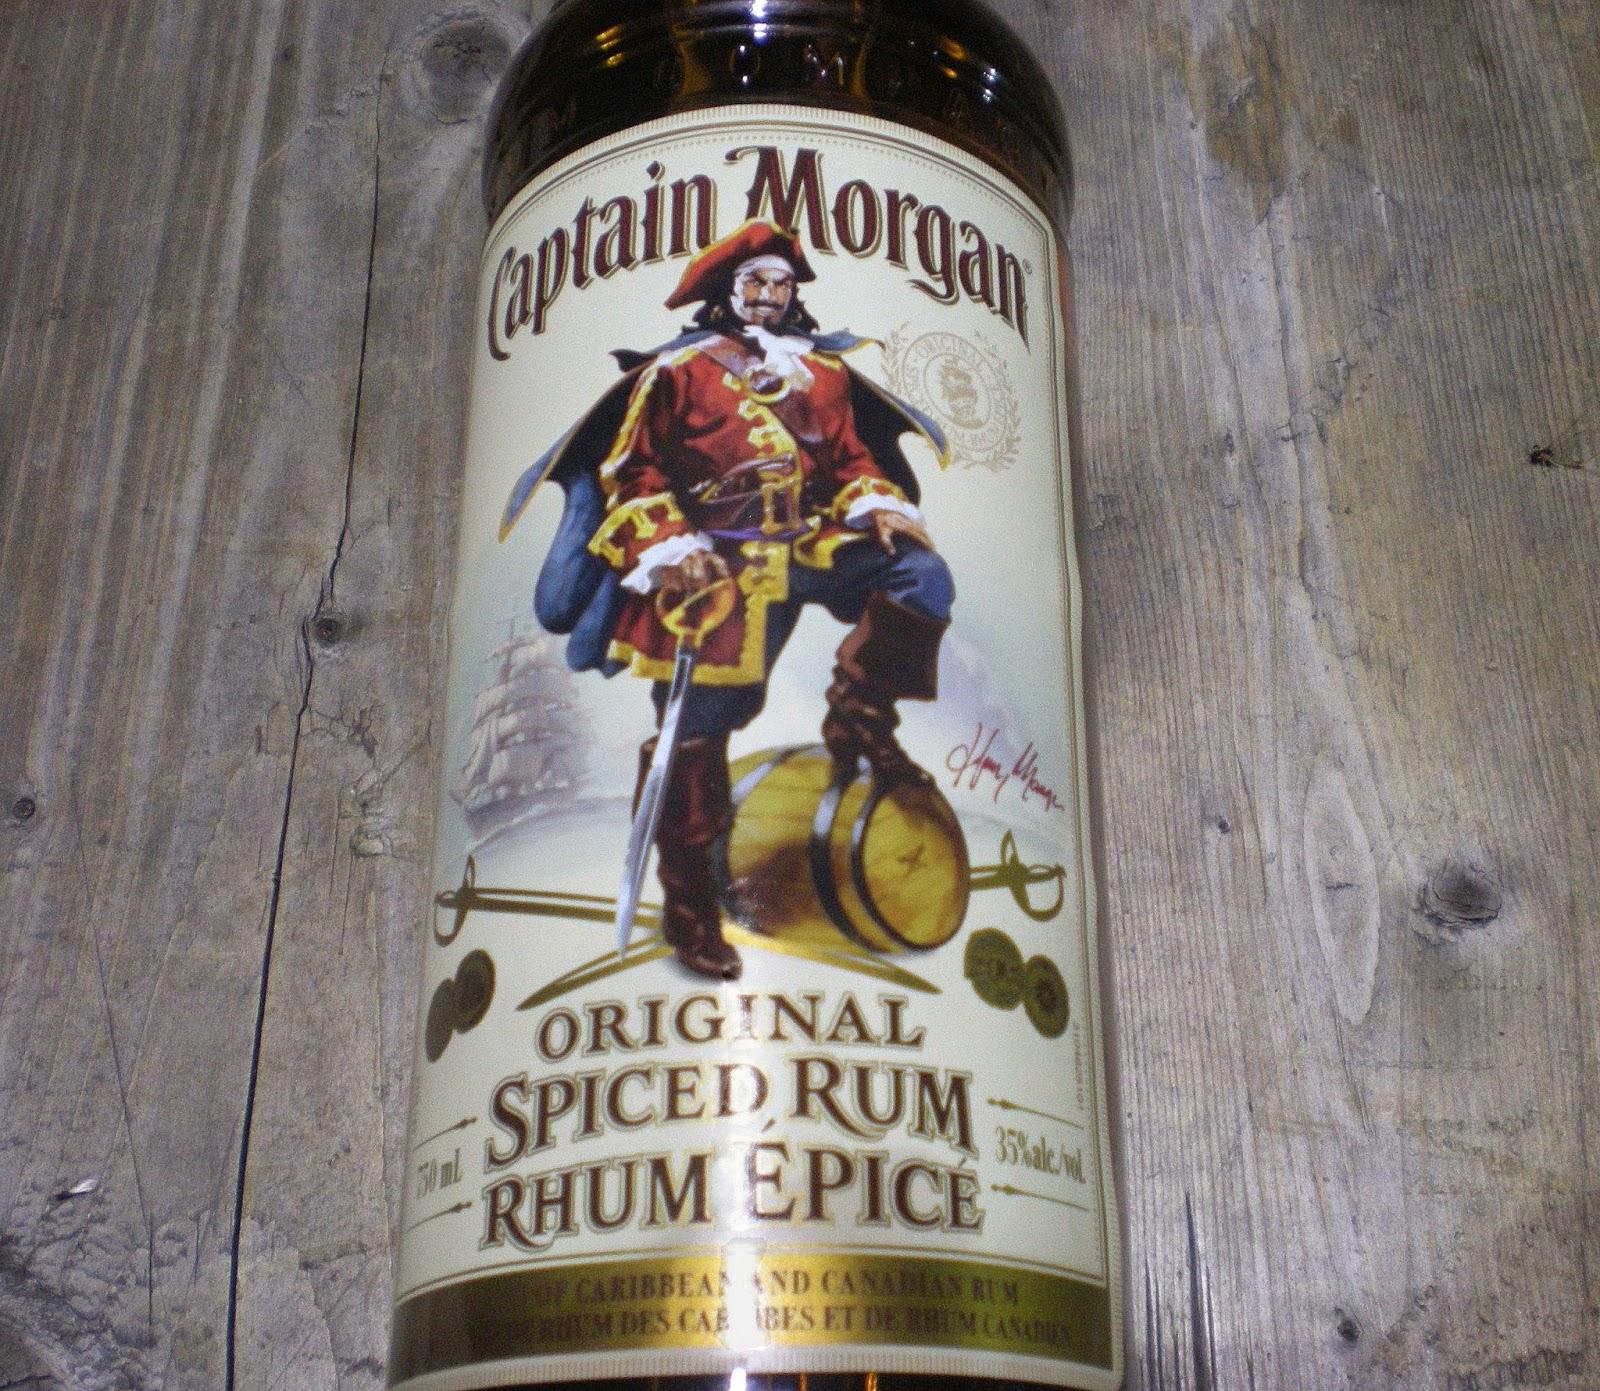 Sir Henry Morgan, flibustier, pirate, noble, corsaire, boucanier, rhum, alcool, canne à sucre, Antilles, Caraïbes